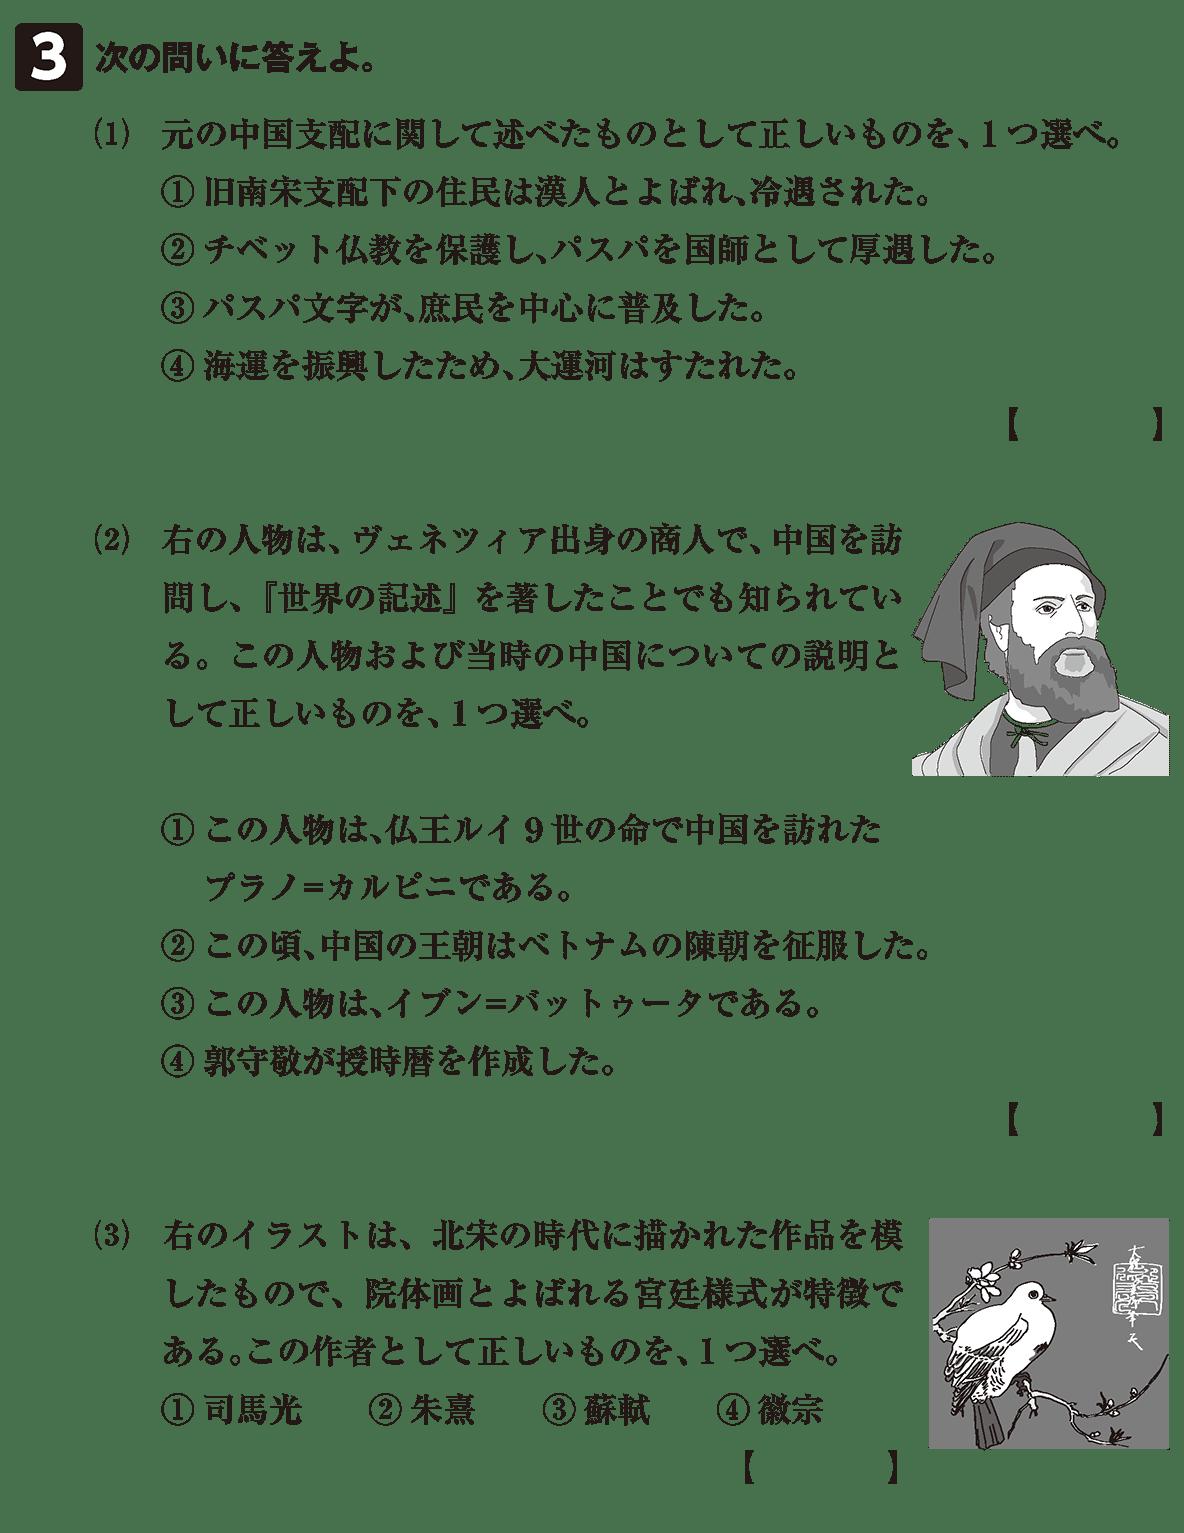 高校世界史 東アジア世界の展開8 確認テスト(後半)問題3